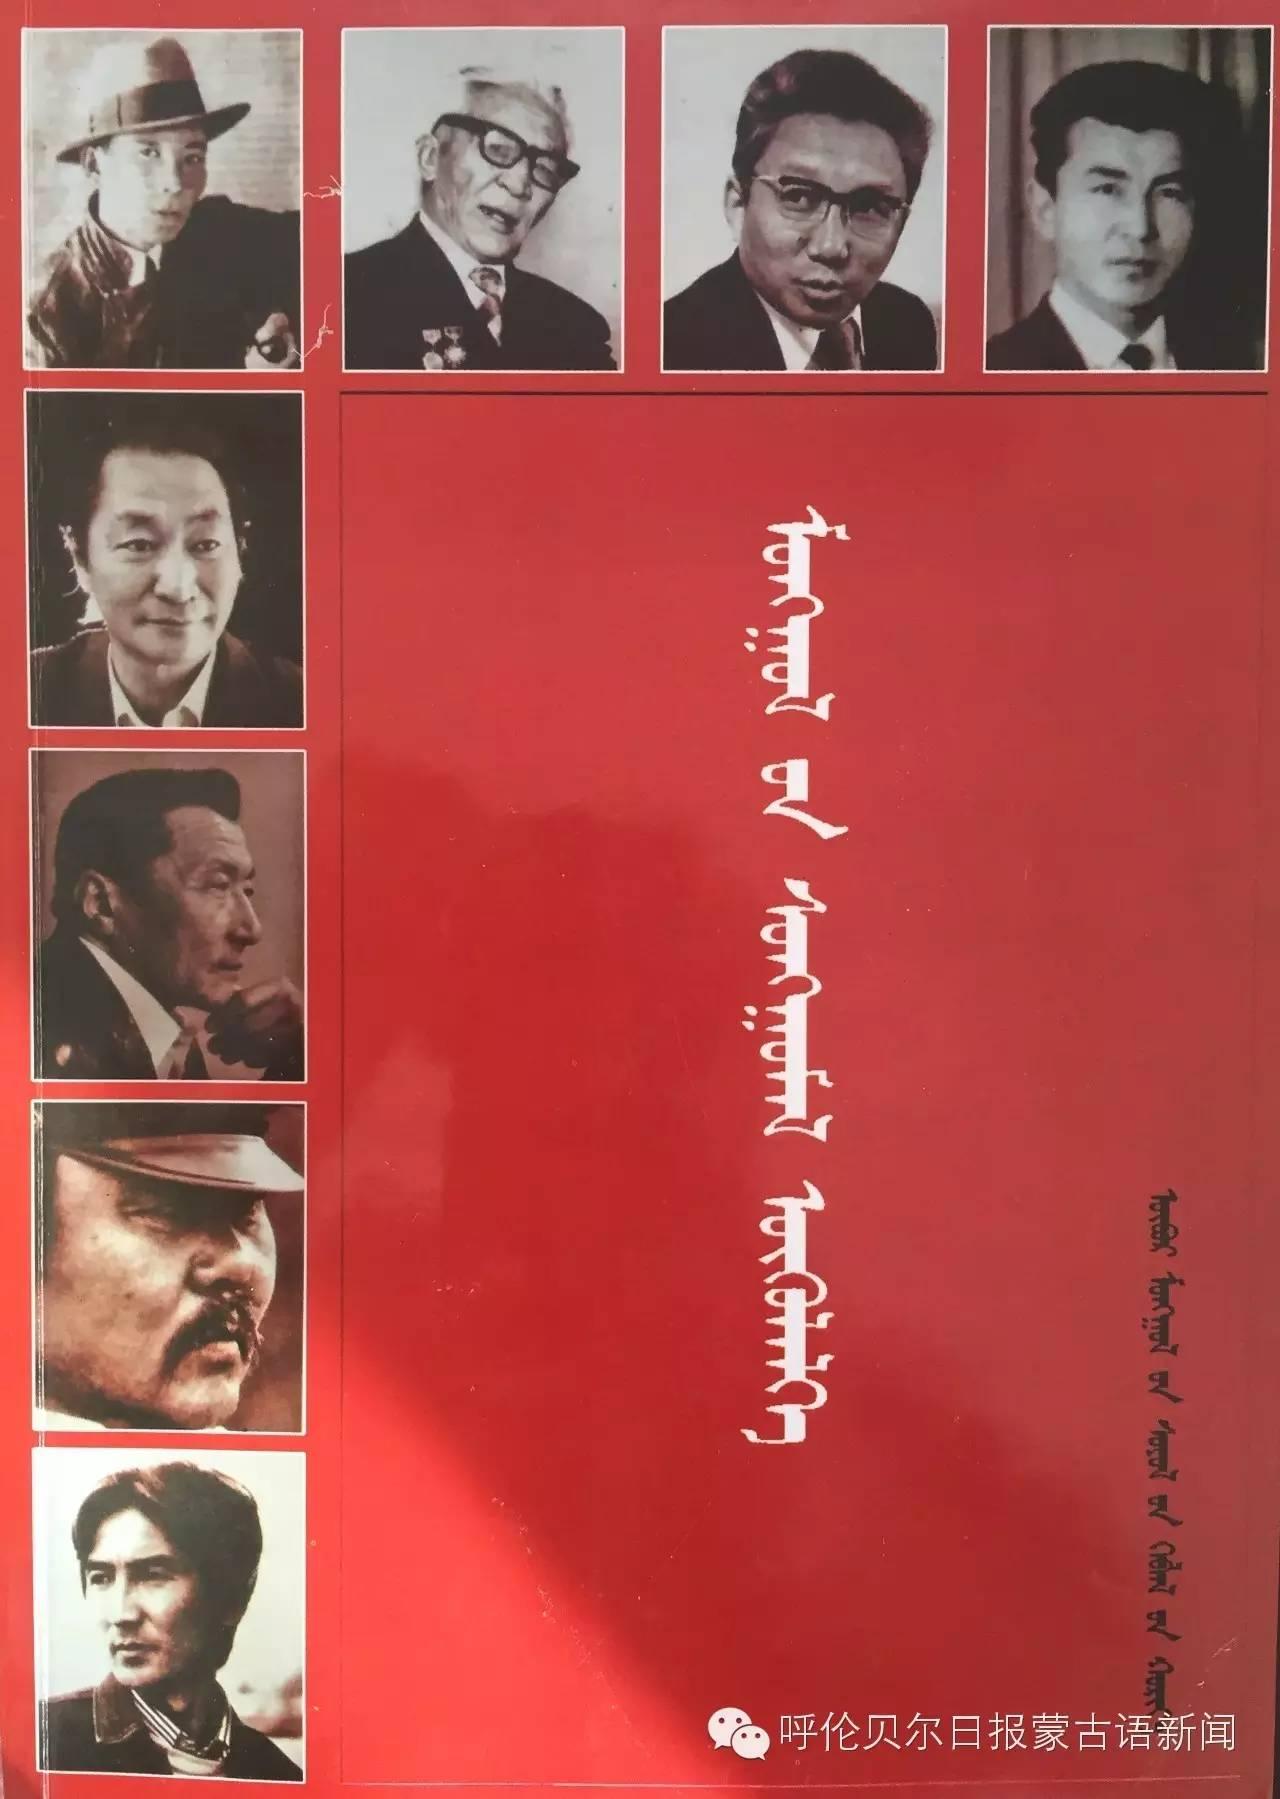 【经典】20世纪蒙古国作家们是怎样写作的(Mongol) 第1张 【经典】20世纪蒙古国作家们是怎样写作的(Mongol) 蒙古文库